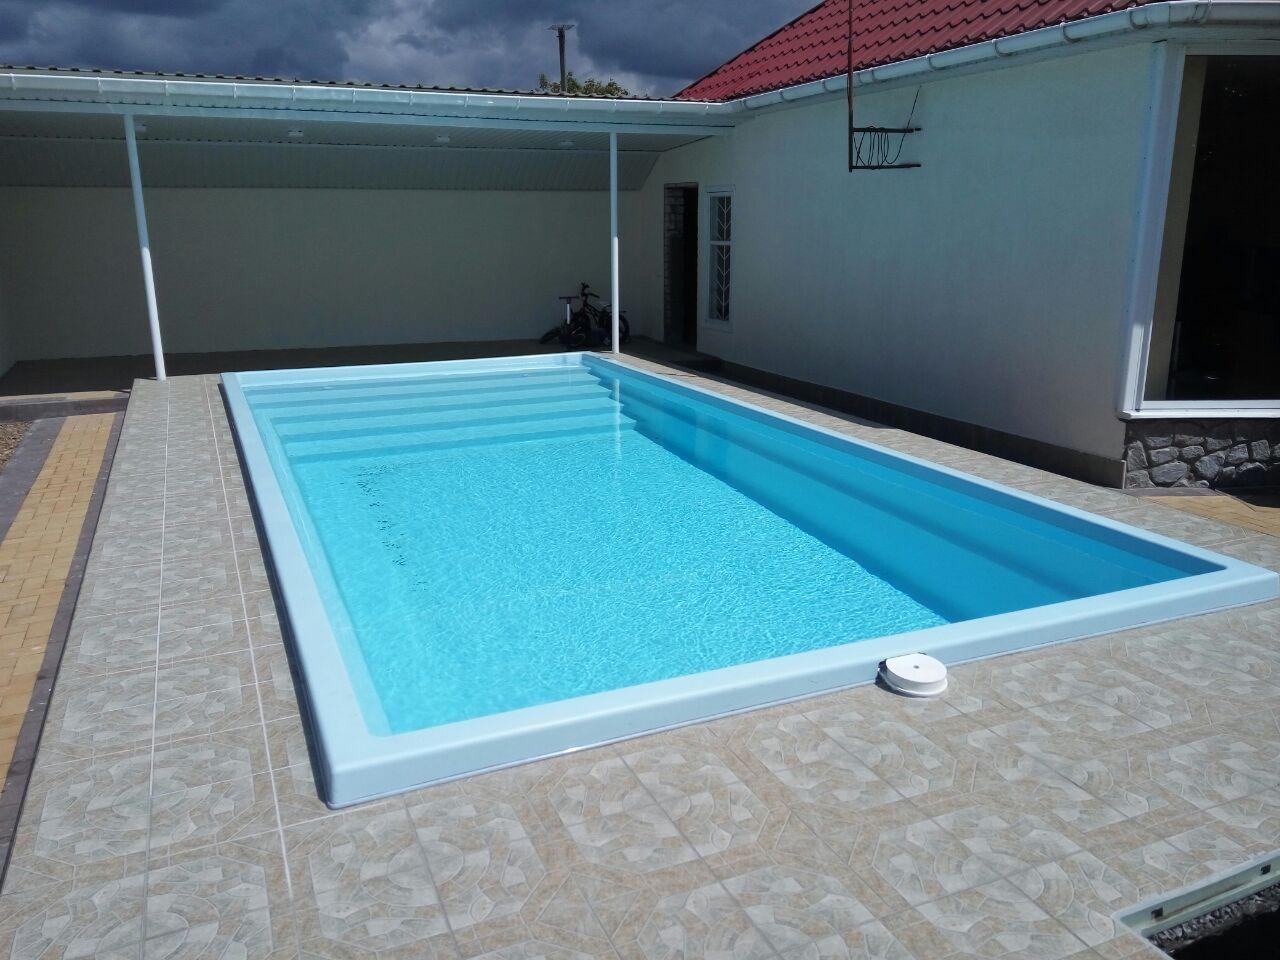 Композитный бассейн ОАЗИС 7,6 метров готовый проект